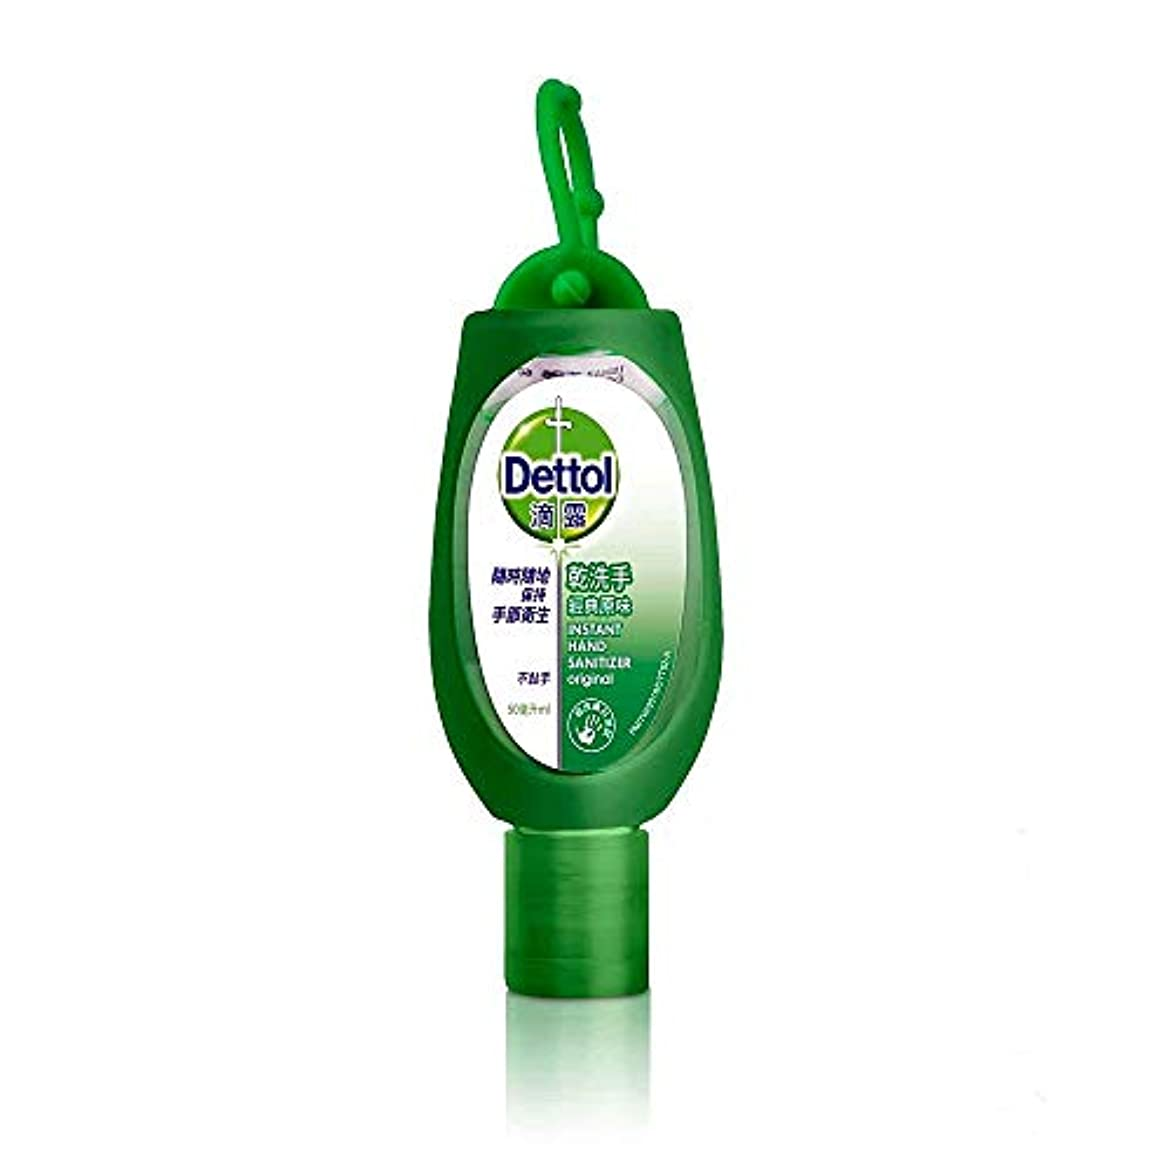 真夜中さわやか空中Dettol 50ml-防止細菌からの新鮮な液体石鹸、99.9%。石鹸や水なし